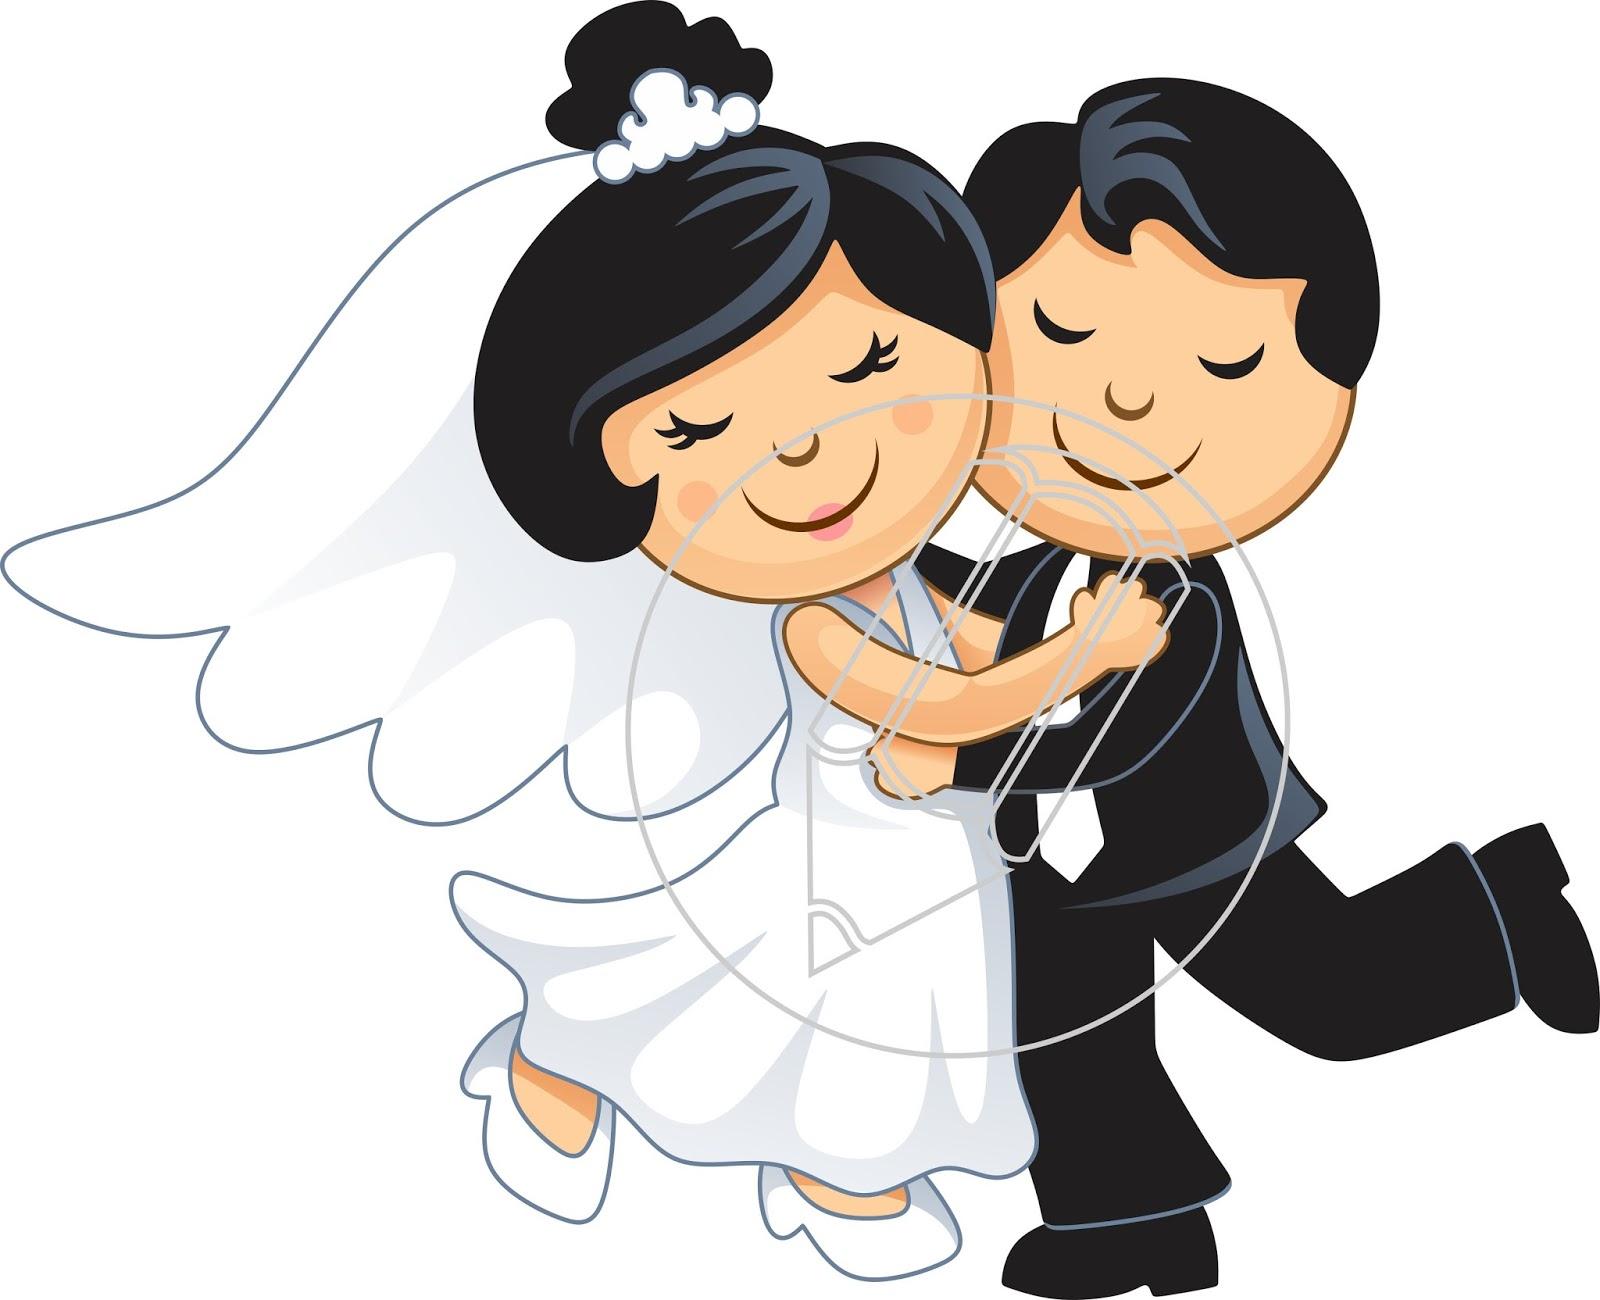 Vetores E Fotos: Convites De Casamento Vetores Corel E Png Para Imprimir